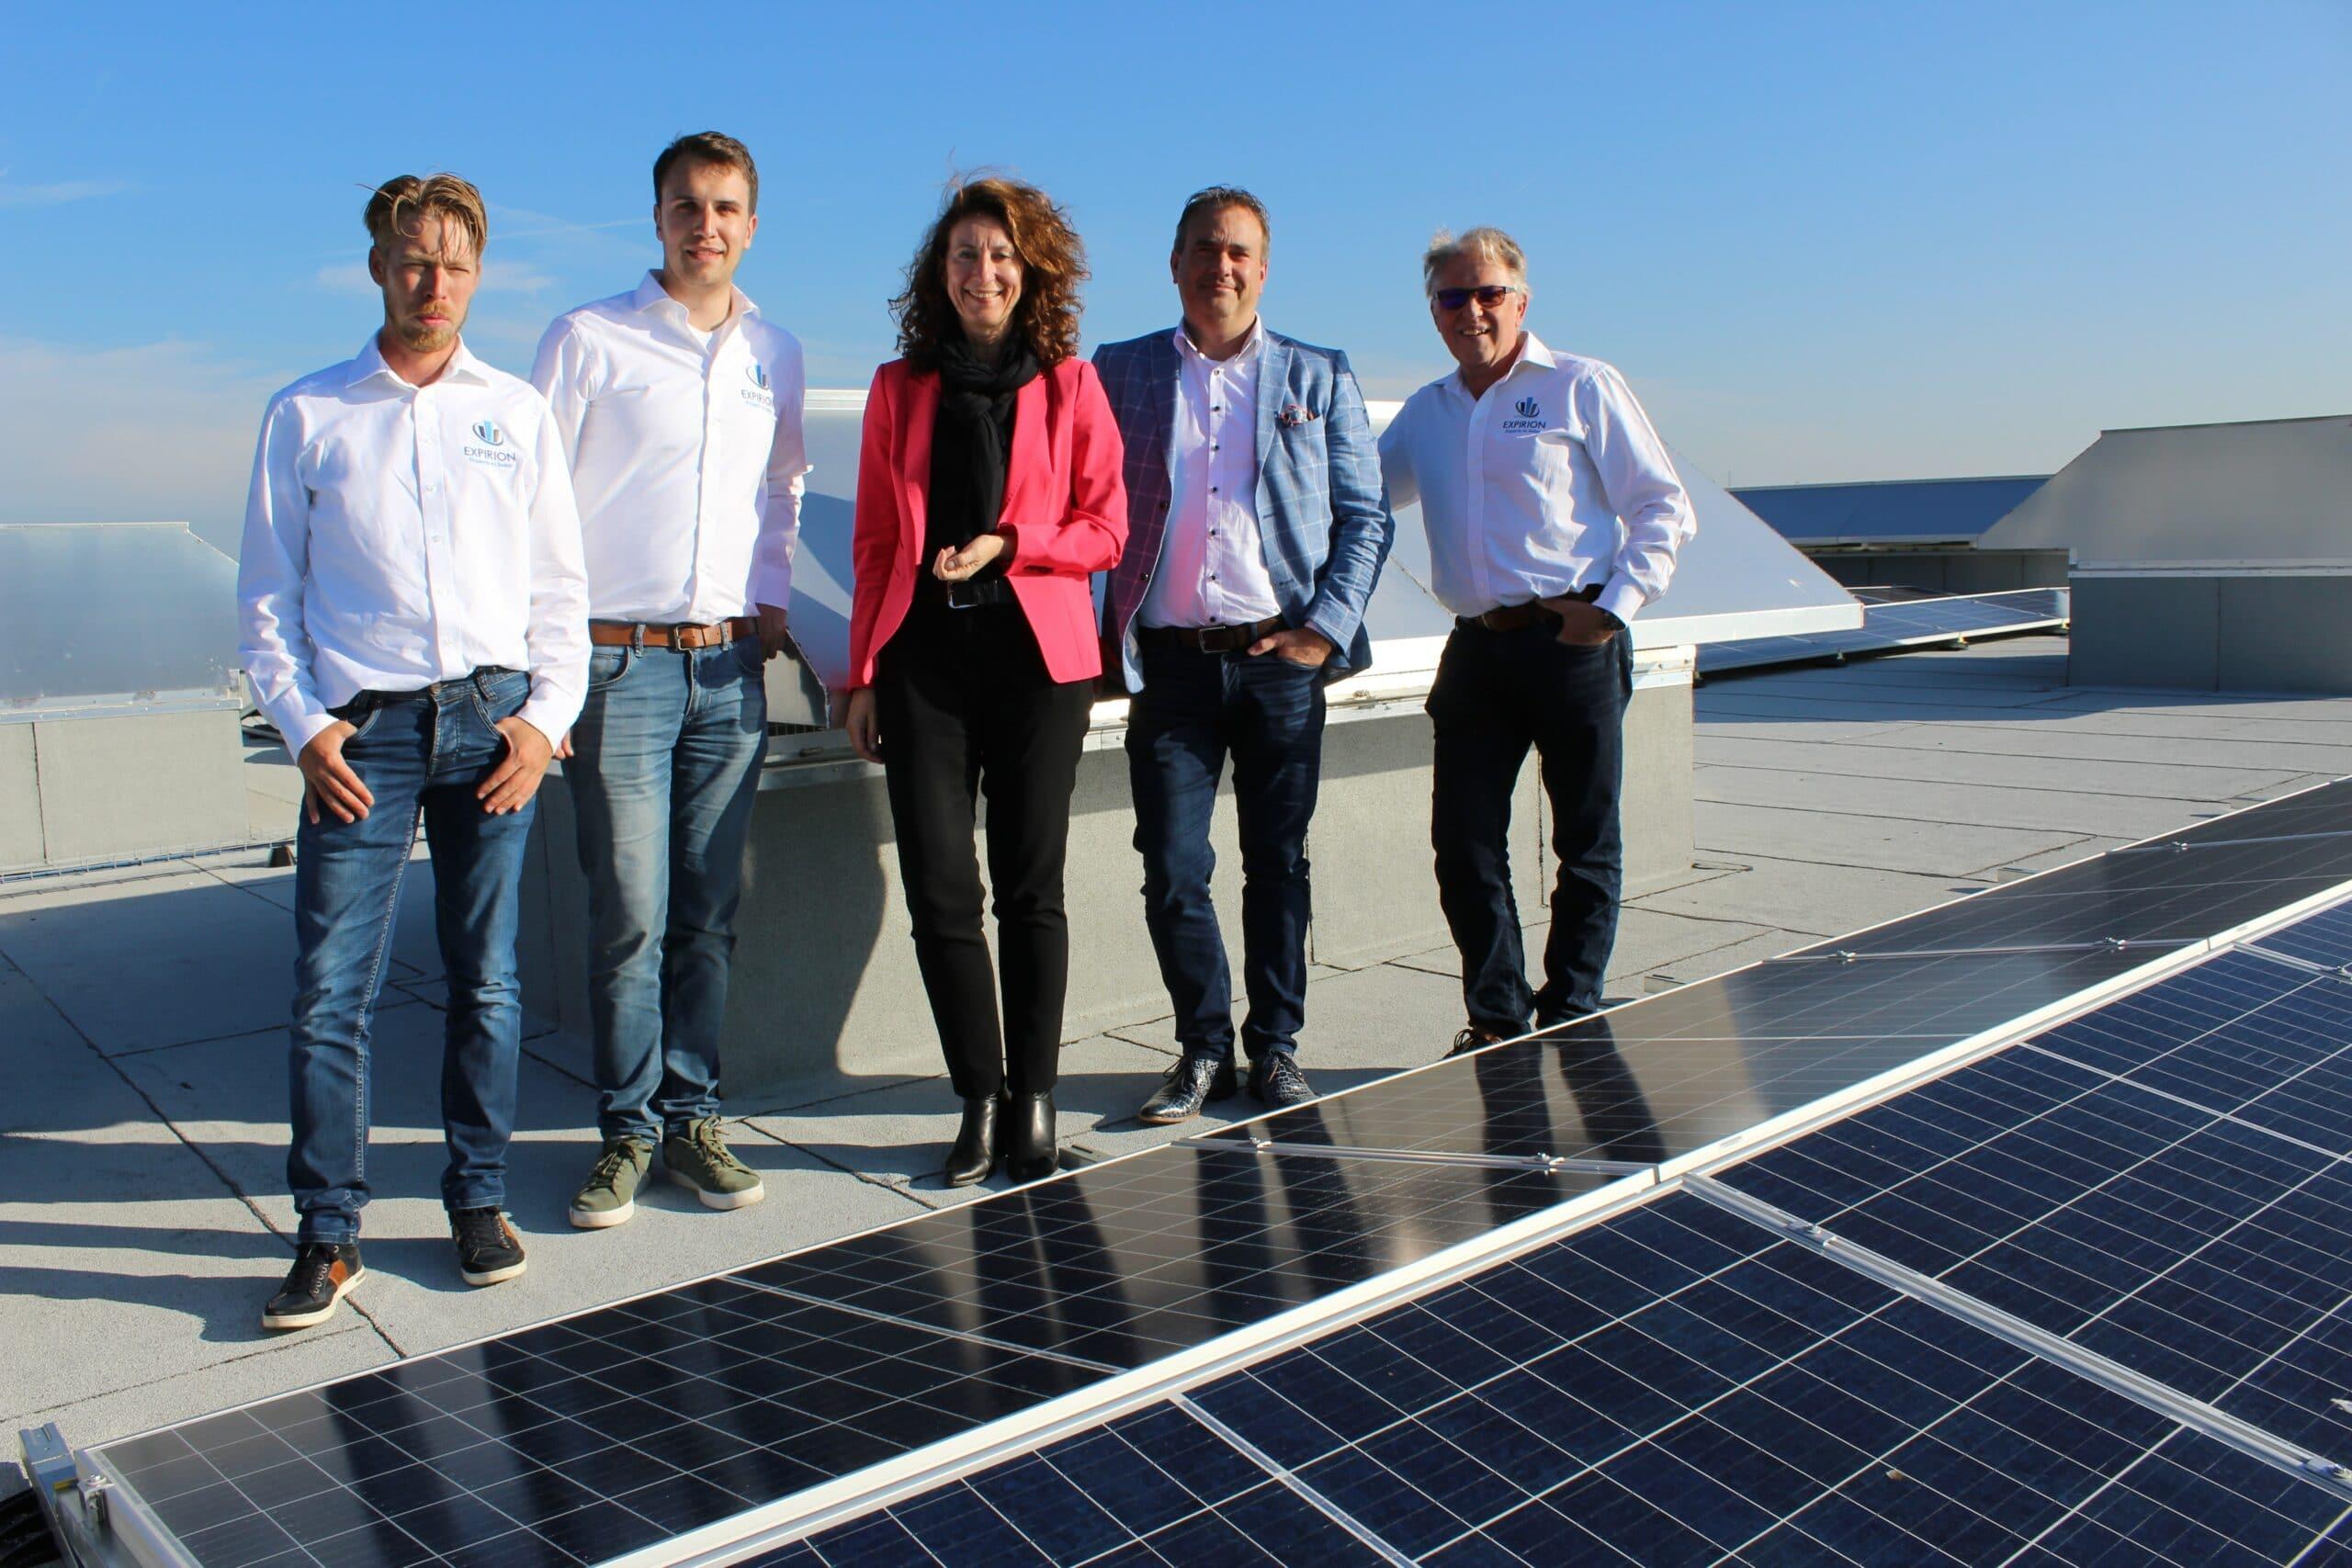 Van links naar rechts: Ralph Burgerhout, Joost Veenstra, wethouder Karin Hoekstra, wethouder Jan van Rijn en EXPIRON-directeur Jaap Burgerhout.